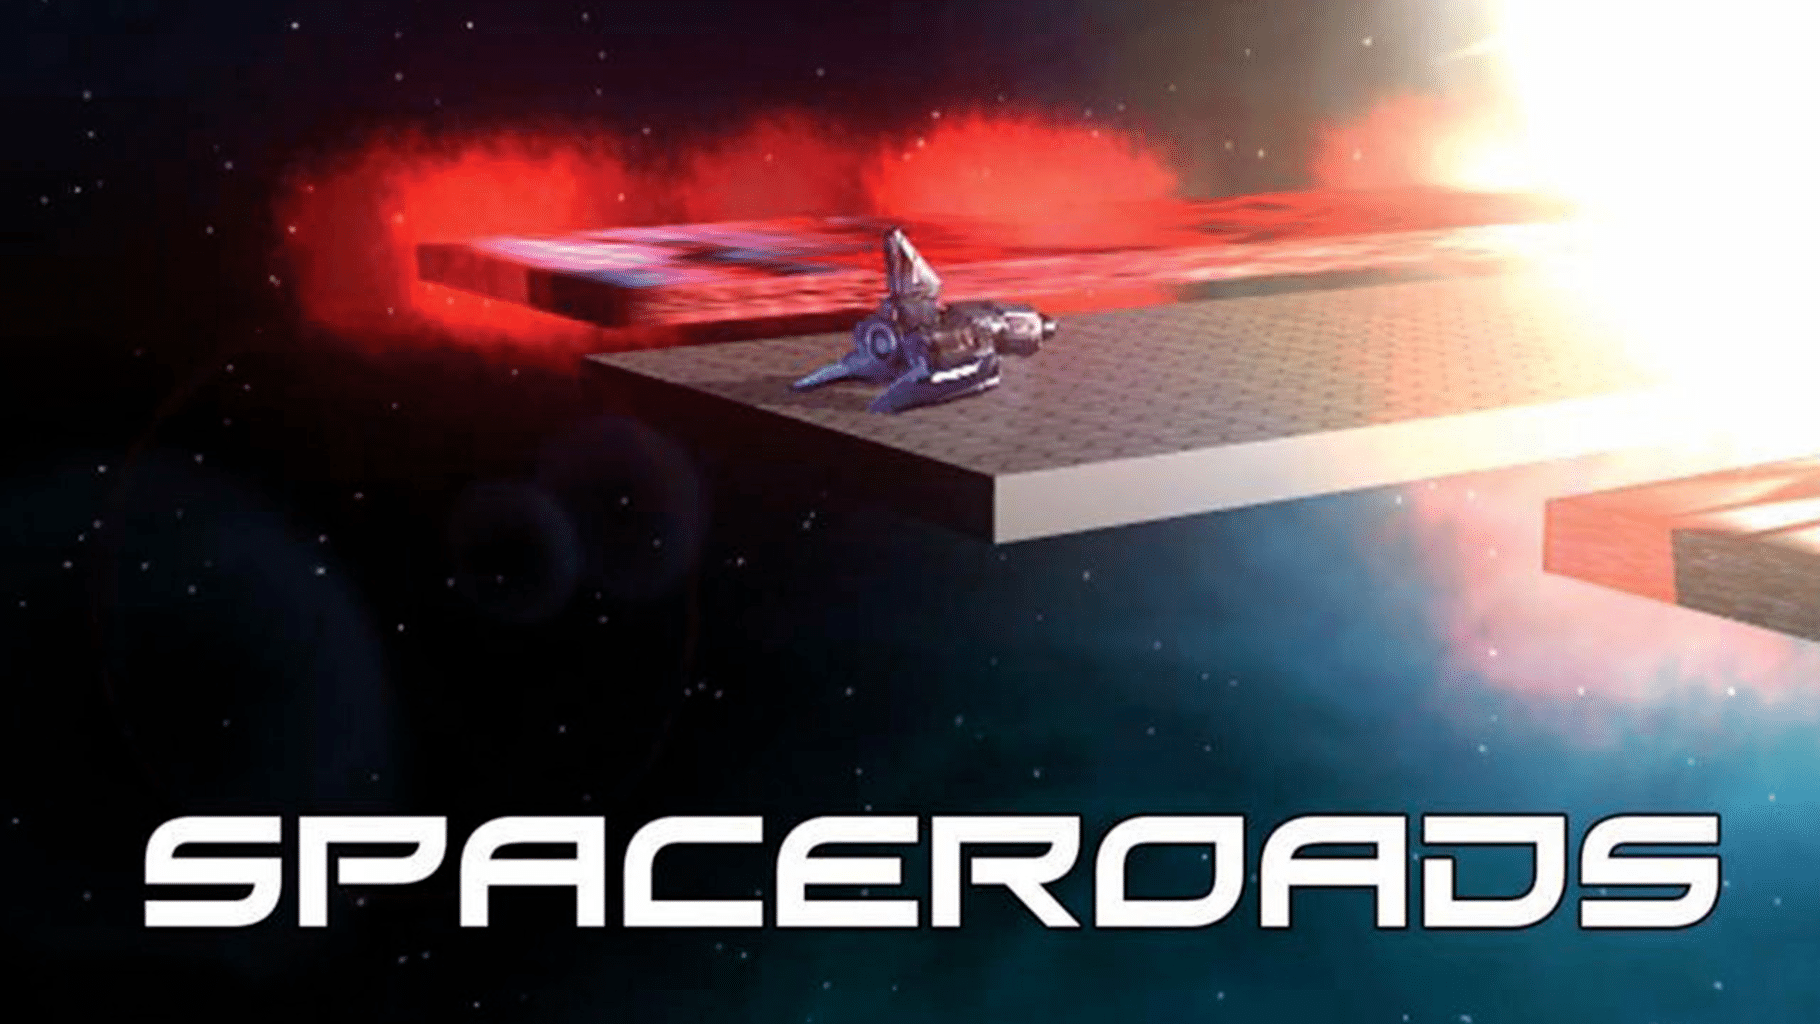 buy SpaceRoads cd key for all platform